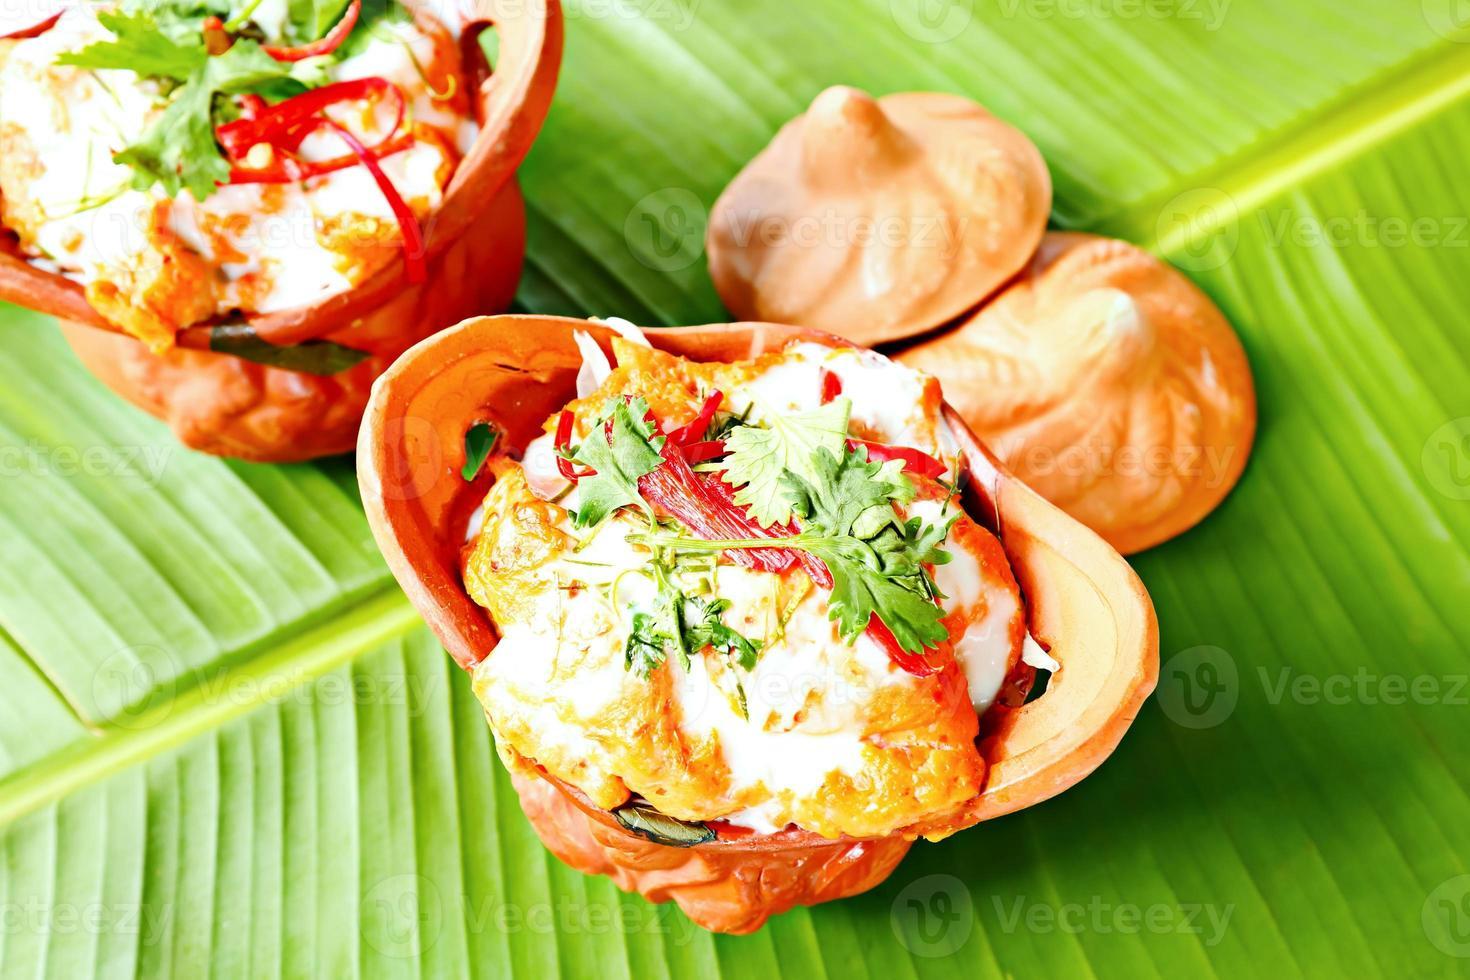 délicieux plats thaïlandais, poisson cuit à la vapeur avec de la pâte de curry. photo